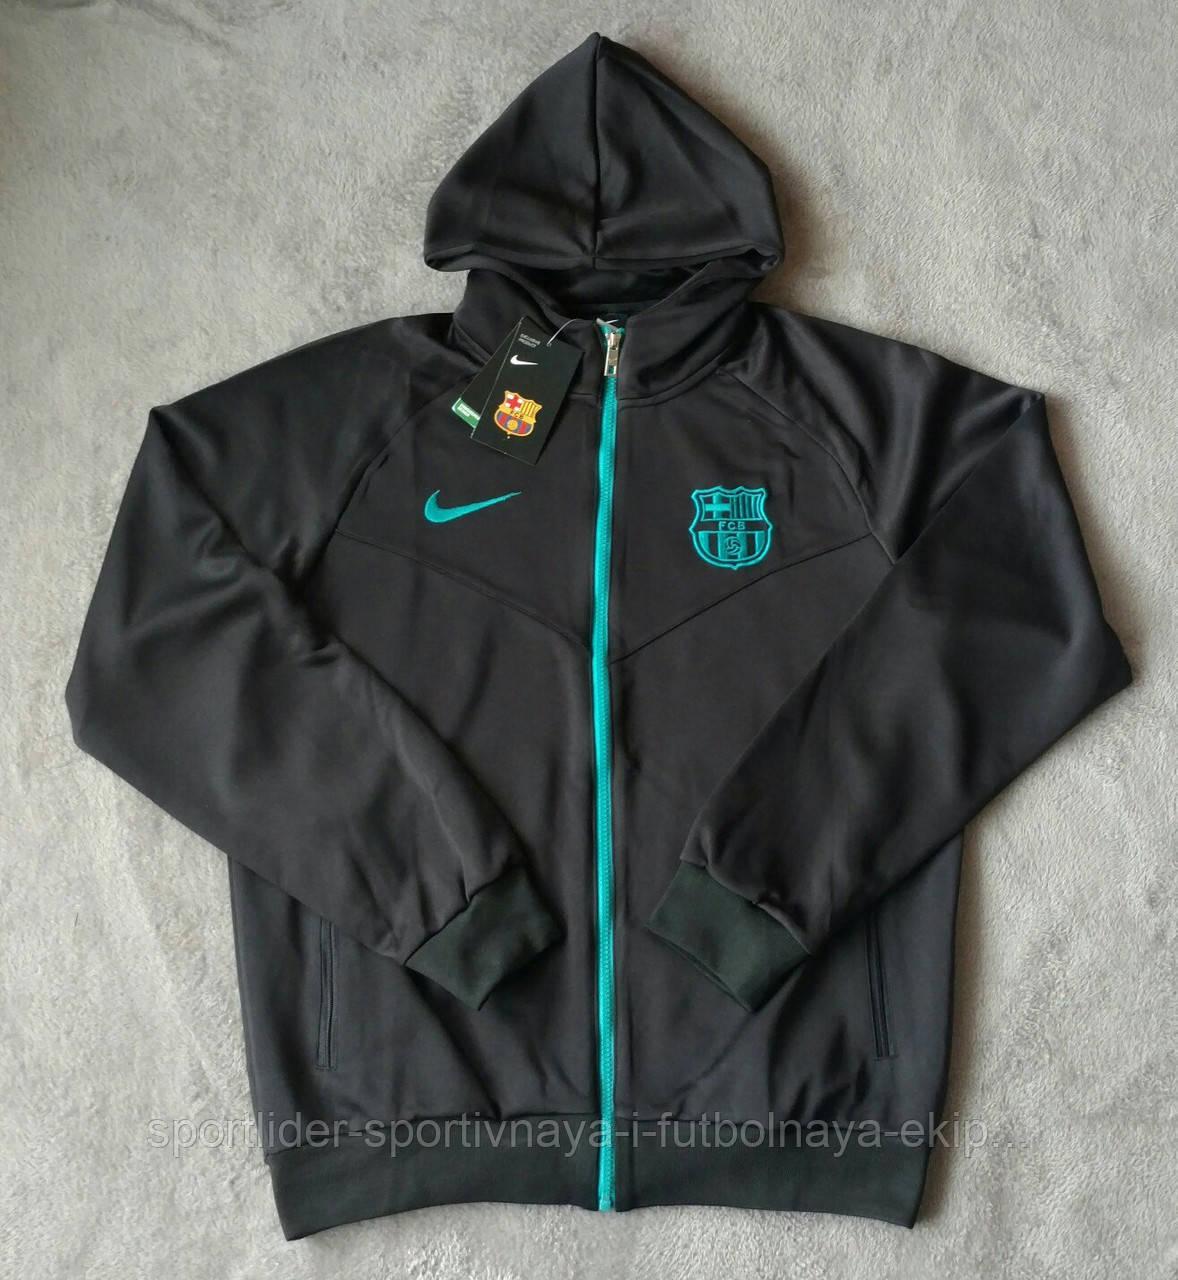 51bc76513f76 Олимпийка мужская с капюшоном Nike FC Barcelona 2016-17 Hoodie -  Спортлидер› спортивная и